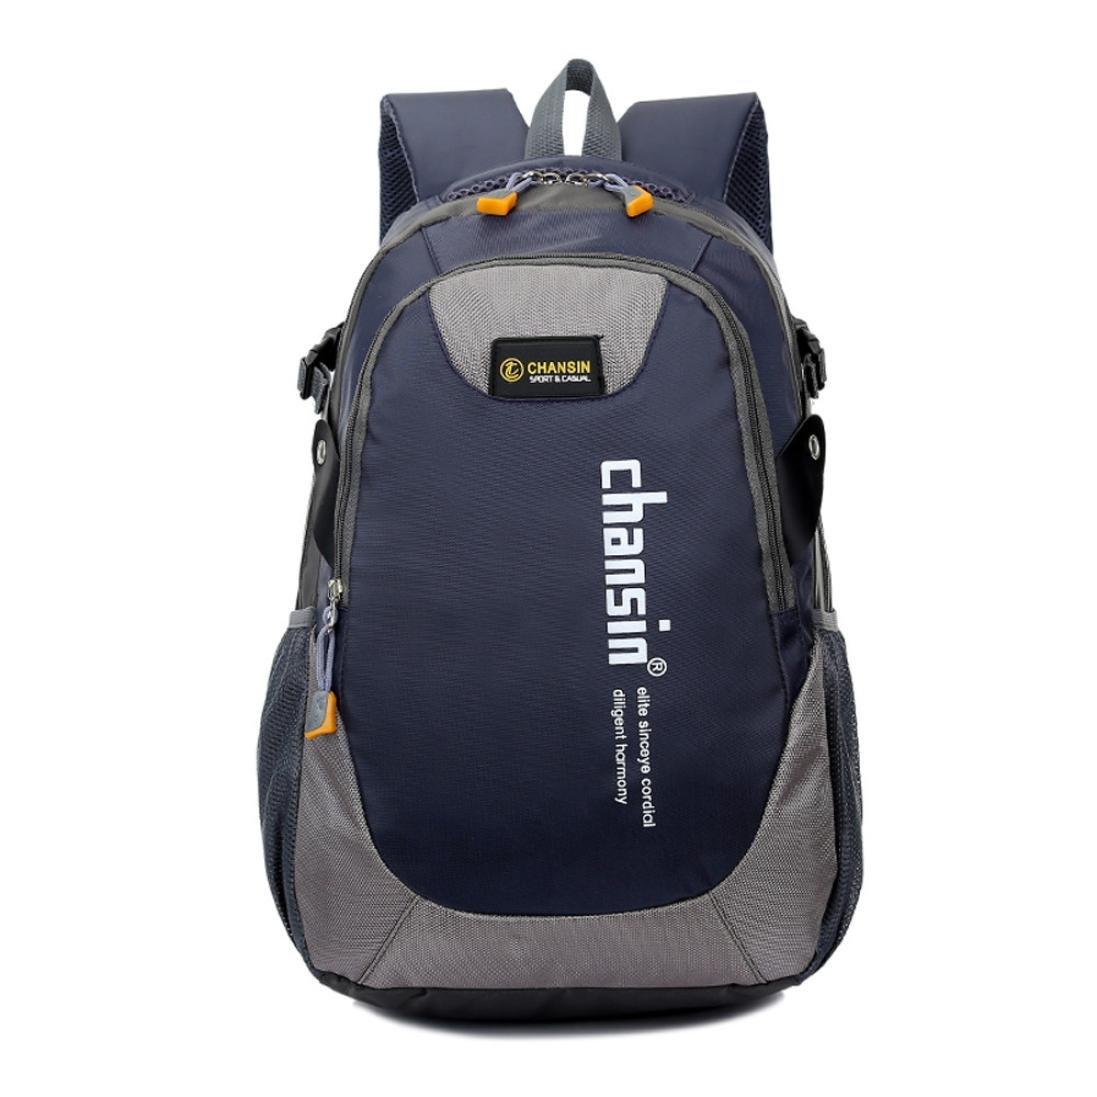 LeeY Multifunktionsrucksack Rucksäcke Notebookrucksack New Fashion Laptop Outdoor Business Computer Laptop Notebook für Laptop Kinder Damen Herren Schultaschen für Wandern/Reisen/Camping